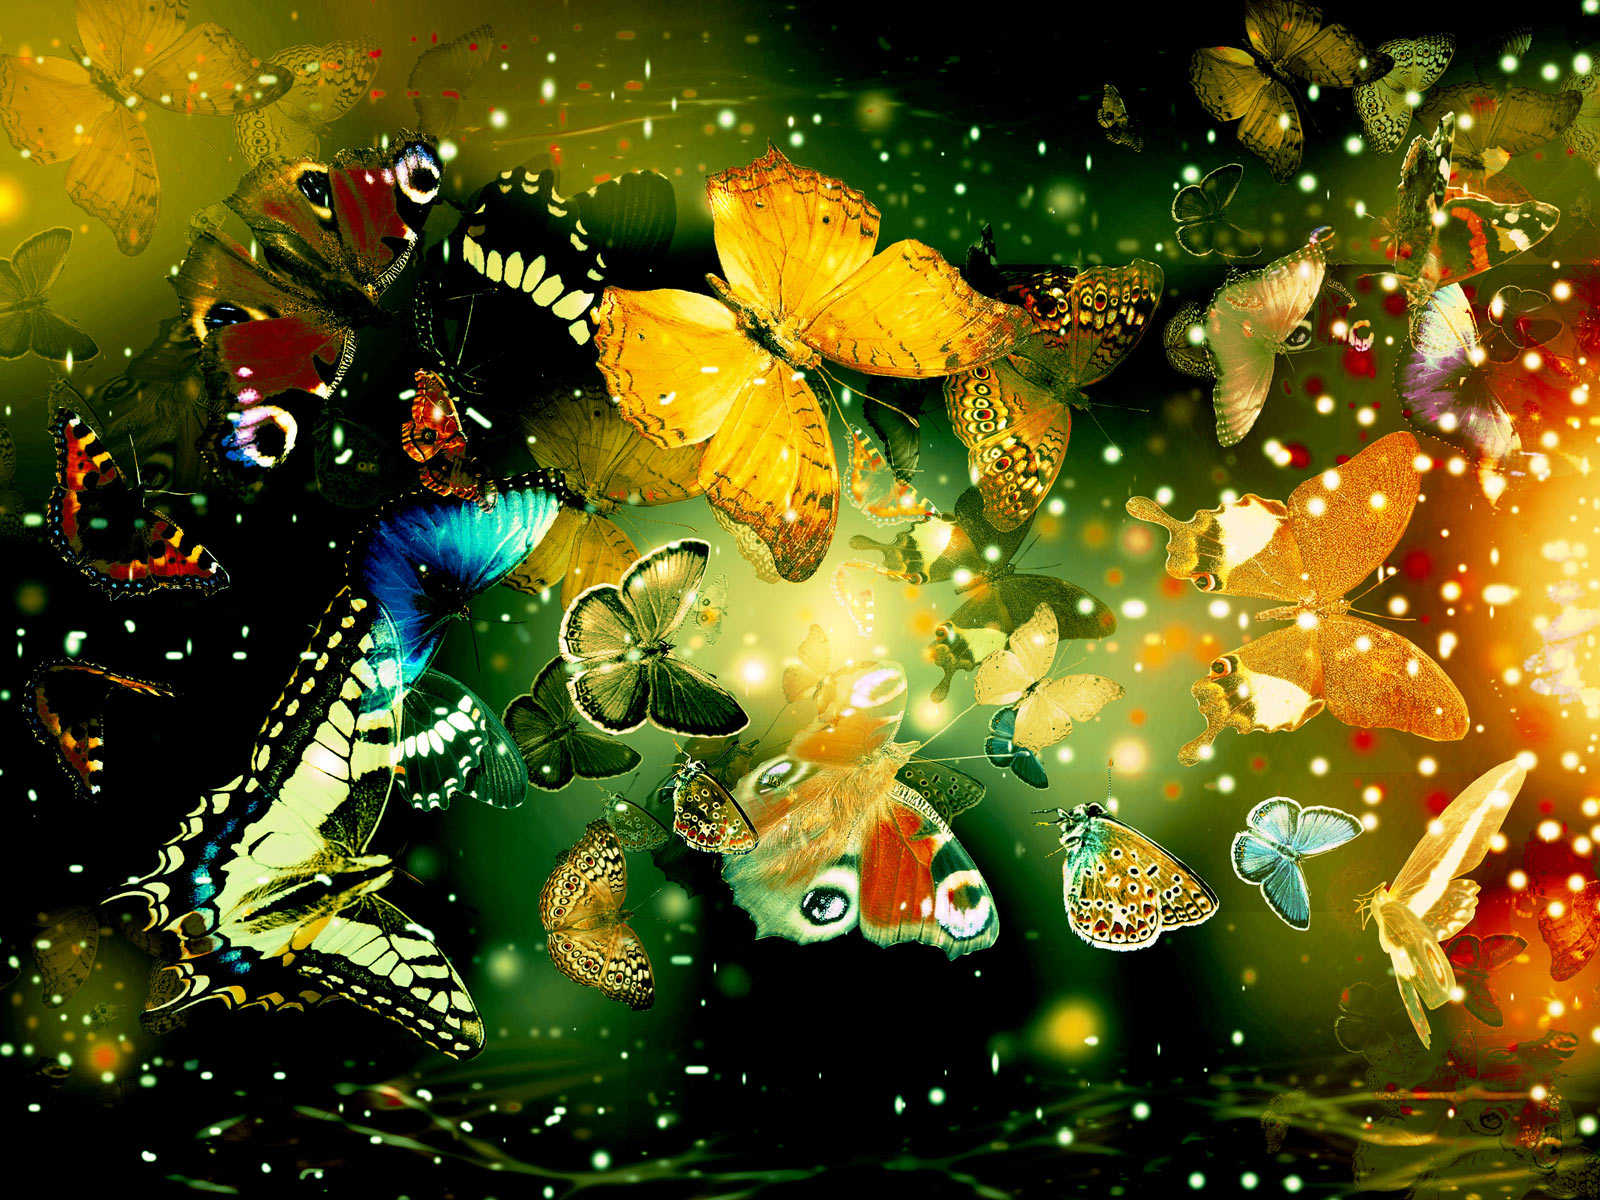 http://1.bp.blogspot.com/-3MMbiaqCB0Y/Teu1YbcOokI/AAAAAAAAB7g/EwkLA2Kb1BM/s1600/borboletas%2Bespaciais.jpg